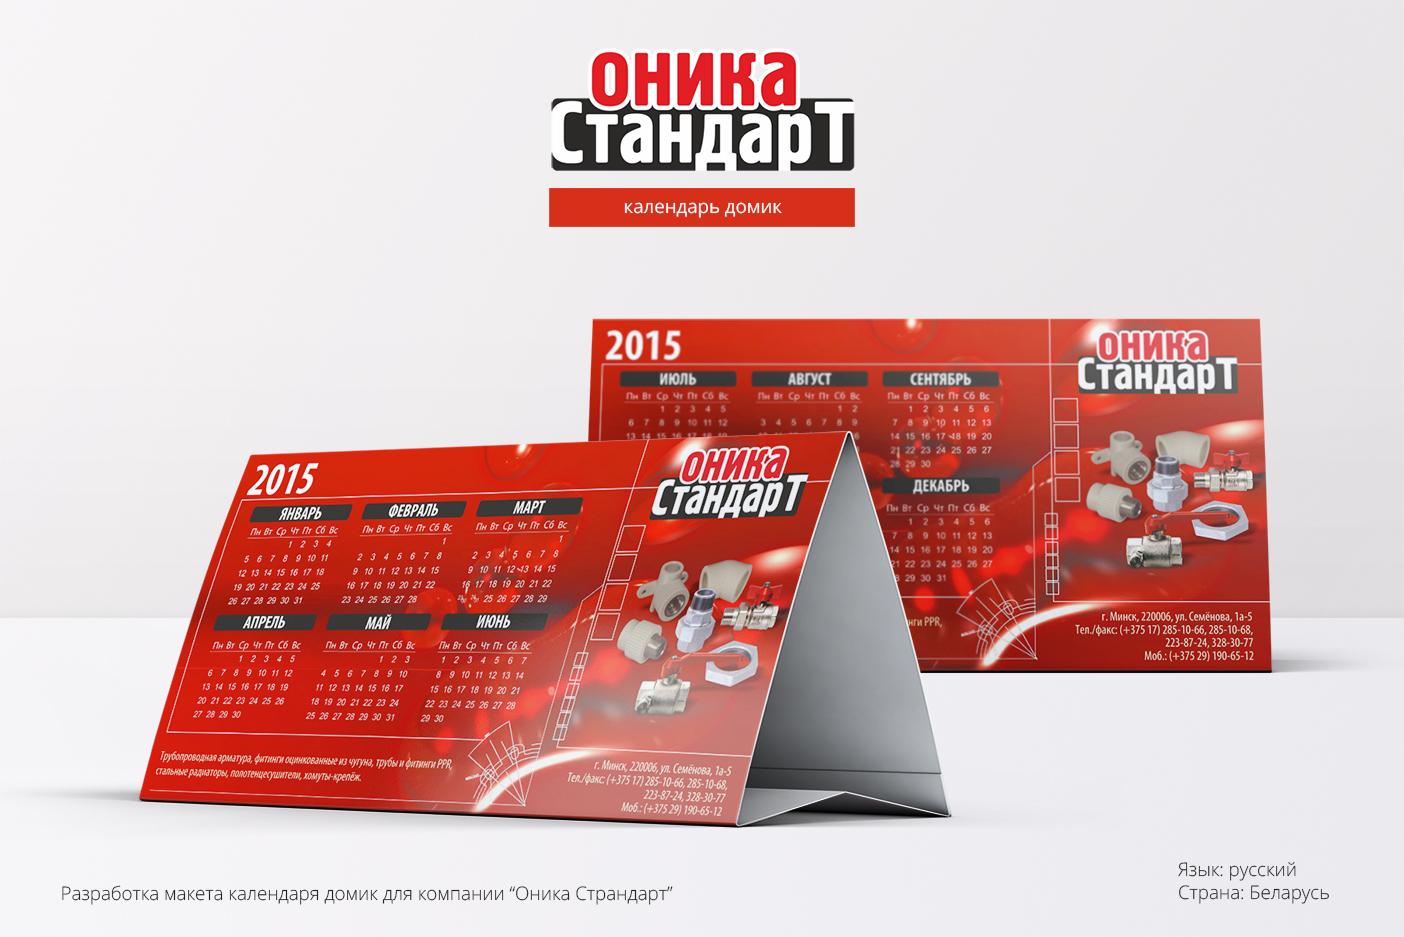 """Календарь домик для фирмы """"Оника Стандарт"""""""